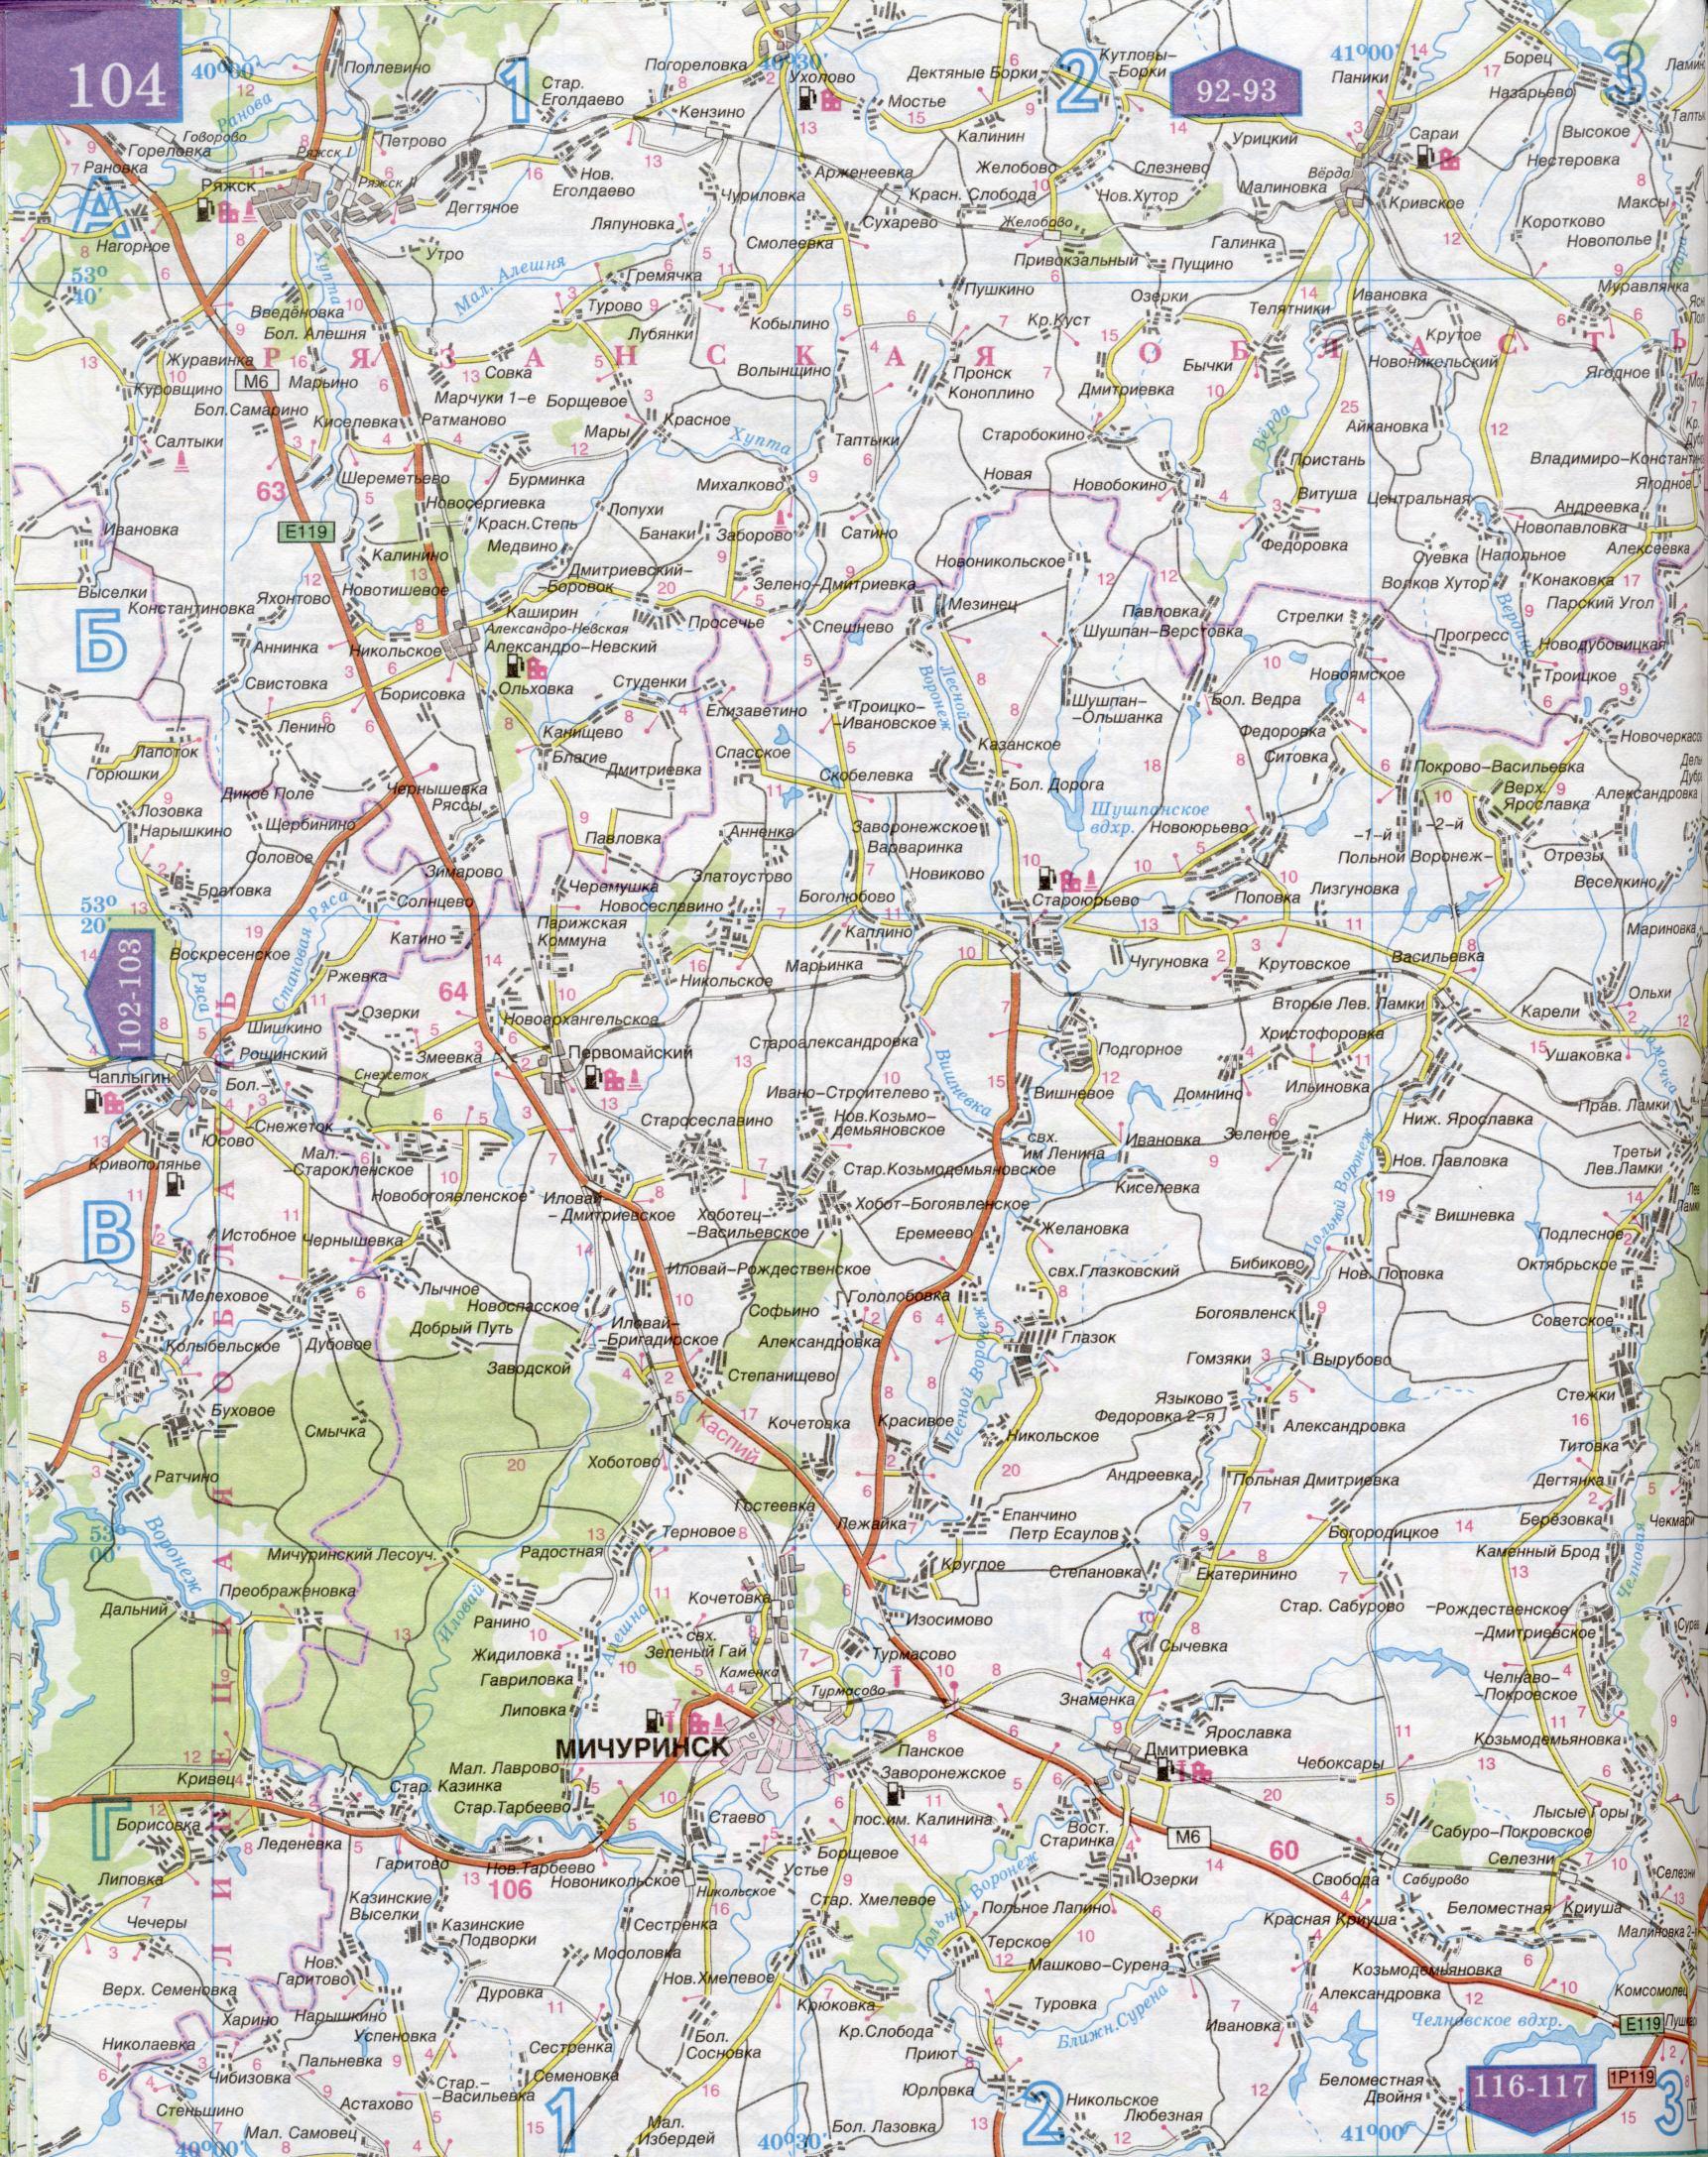 Скачать карту на прохождение в minecraft 152 - 7930d